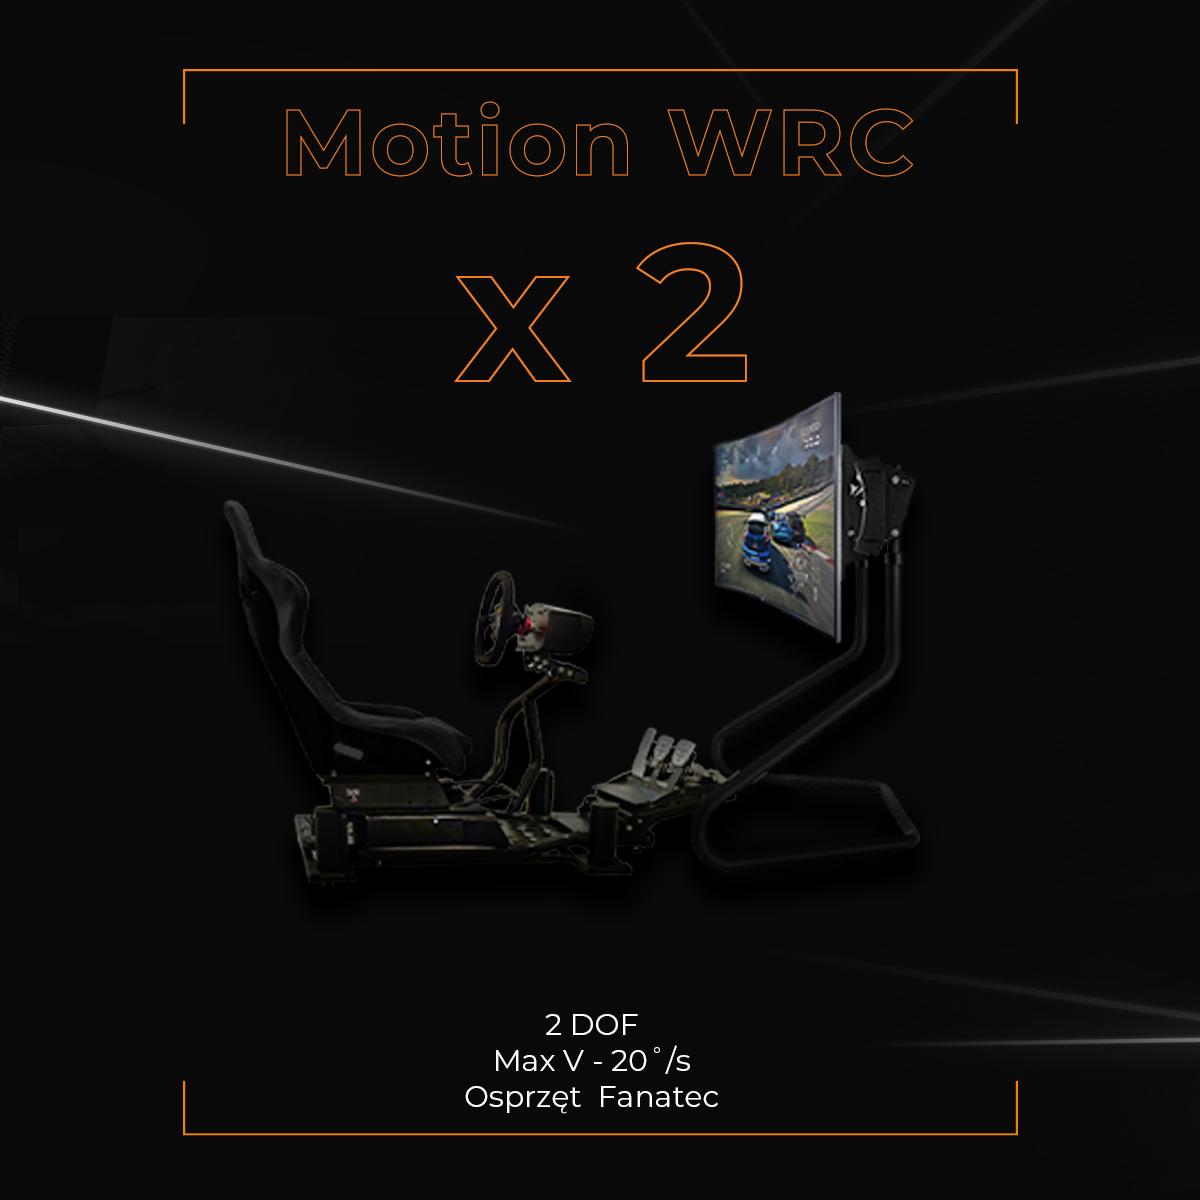 motion wrc x2